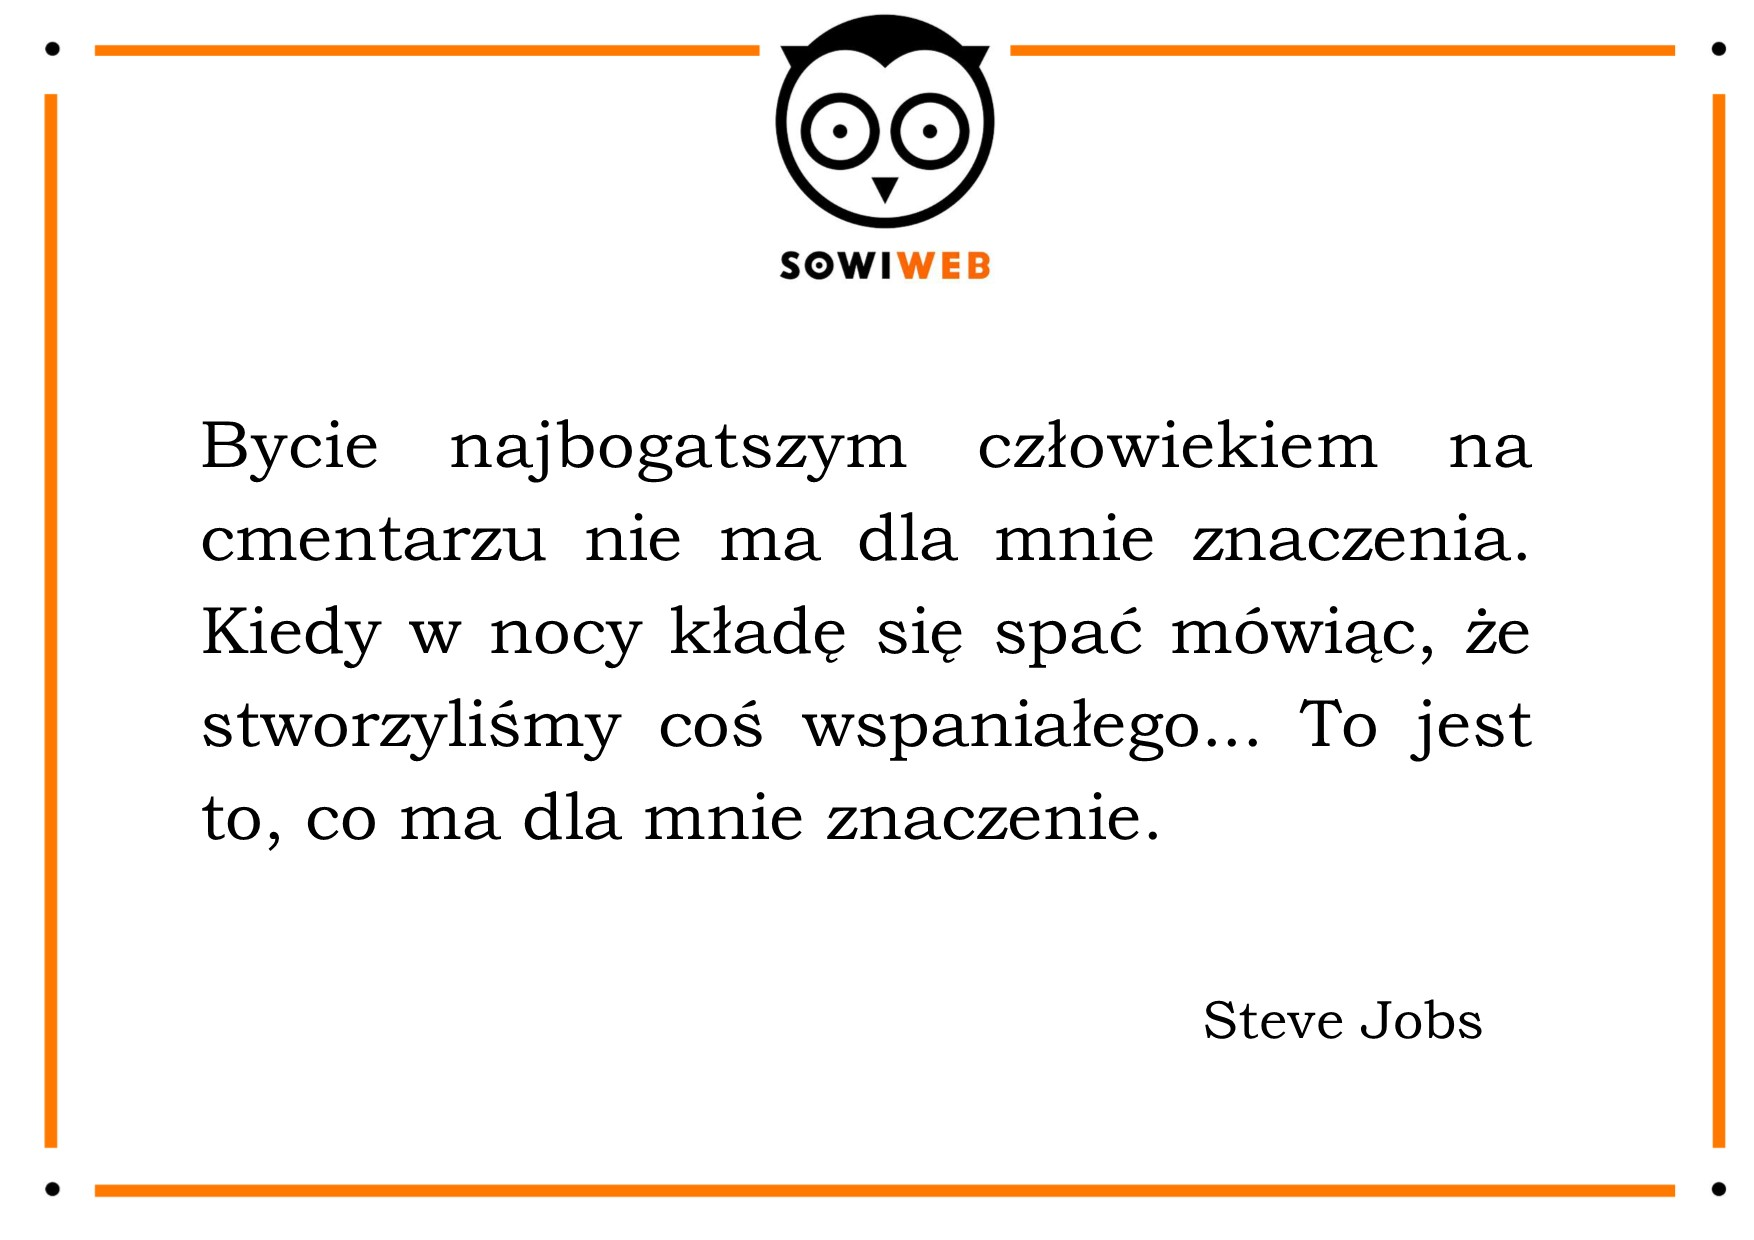 SowiWeb tworzy, inspiruje, pomaga...